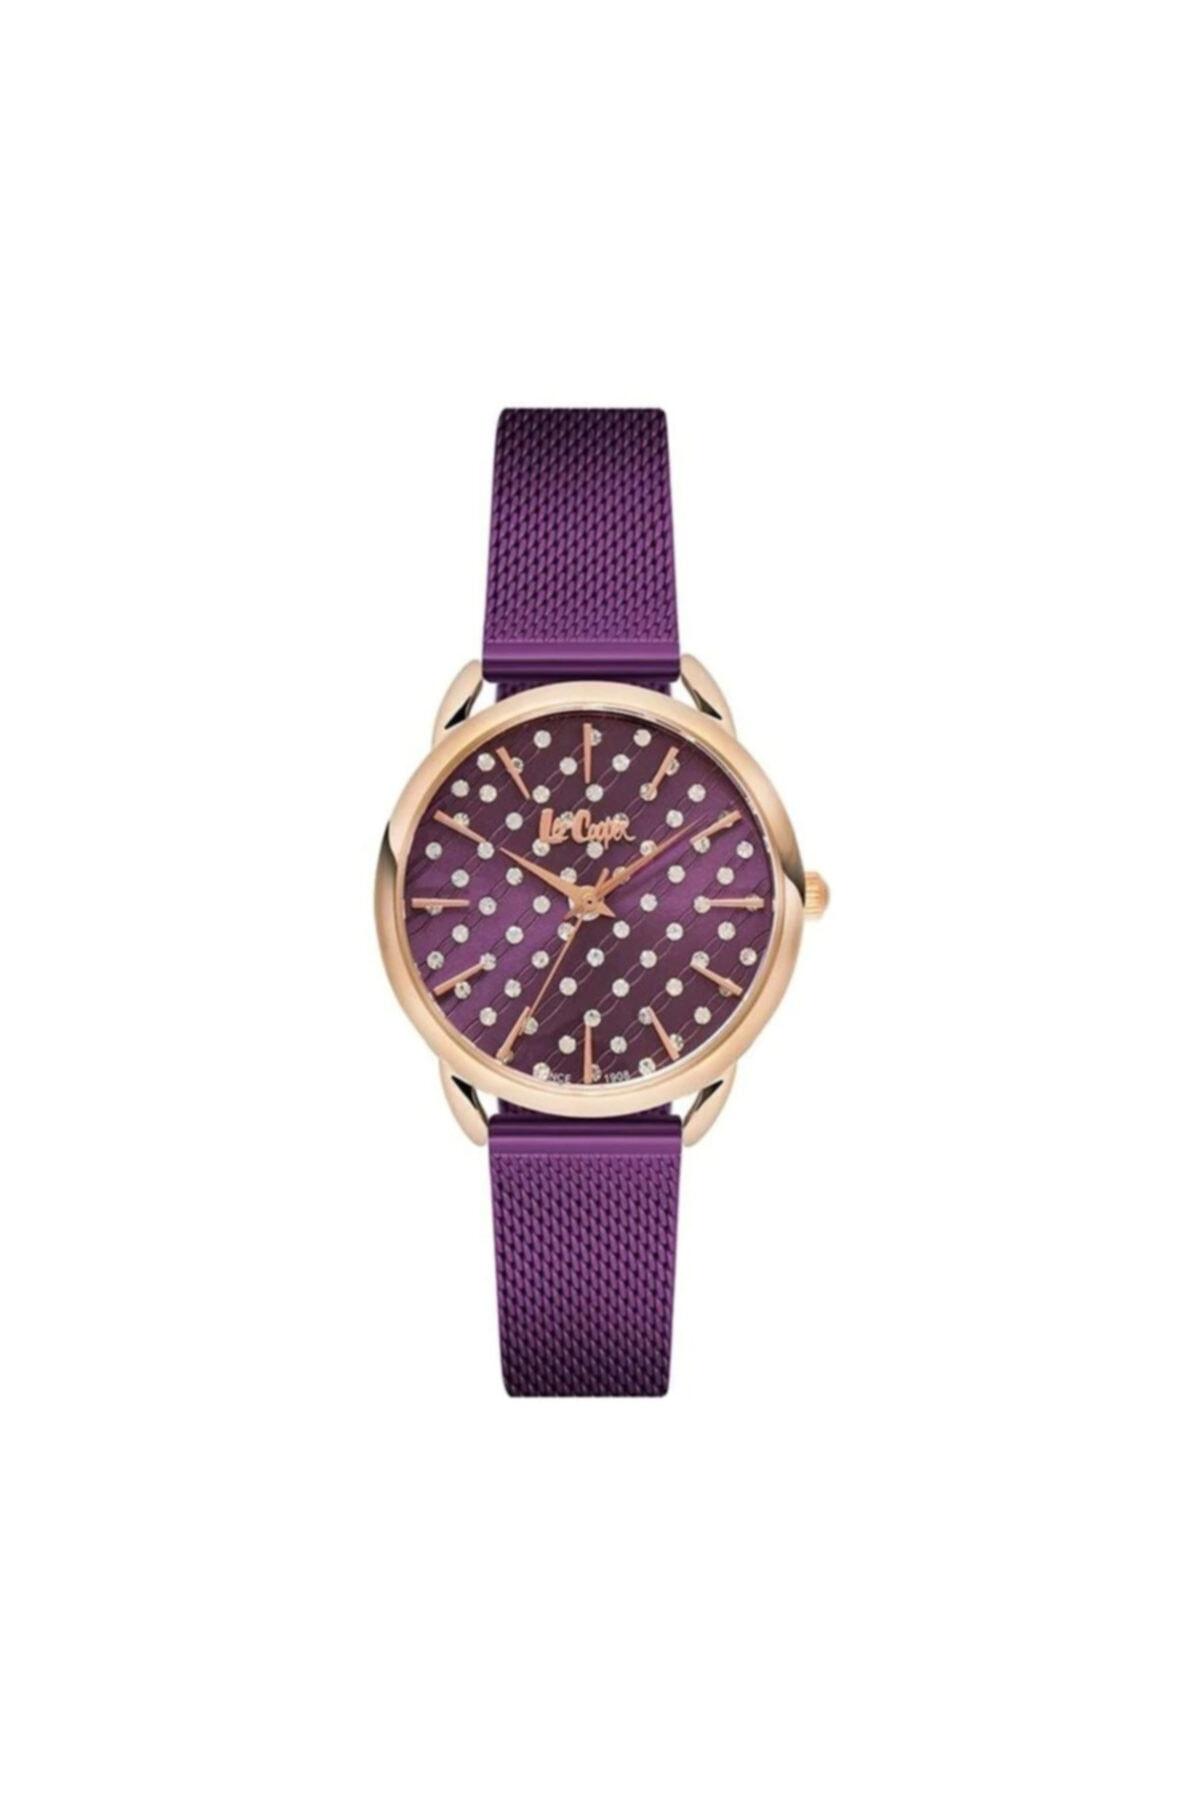 خرید پستی ساعت زنانه اصل برند Lee Cooper رنگ بنفش کد ty69492293